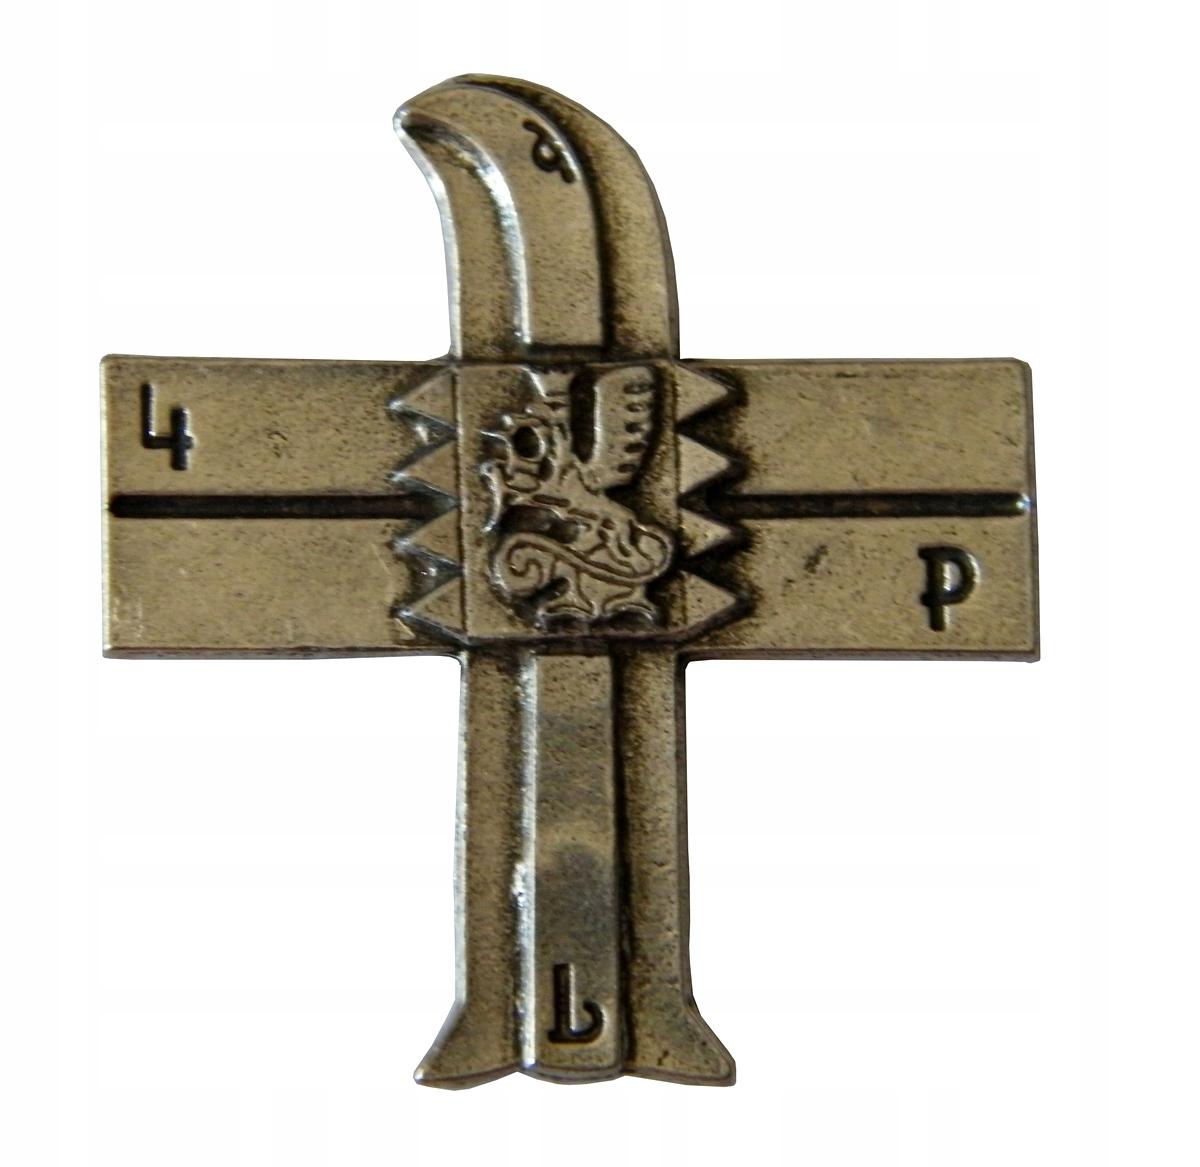 4 Air režim v Torun - odznak